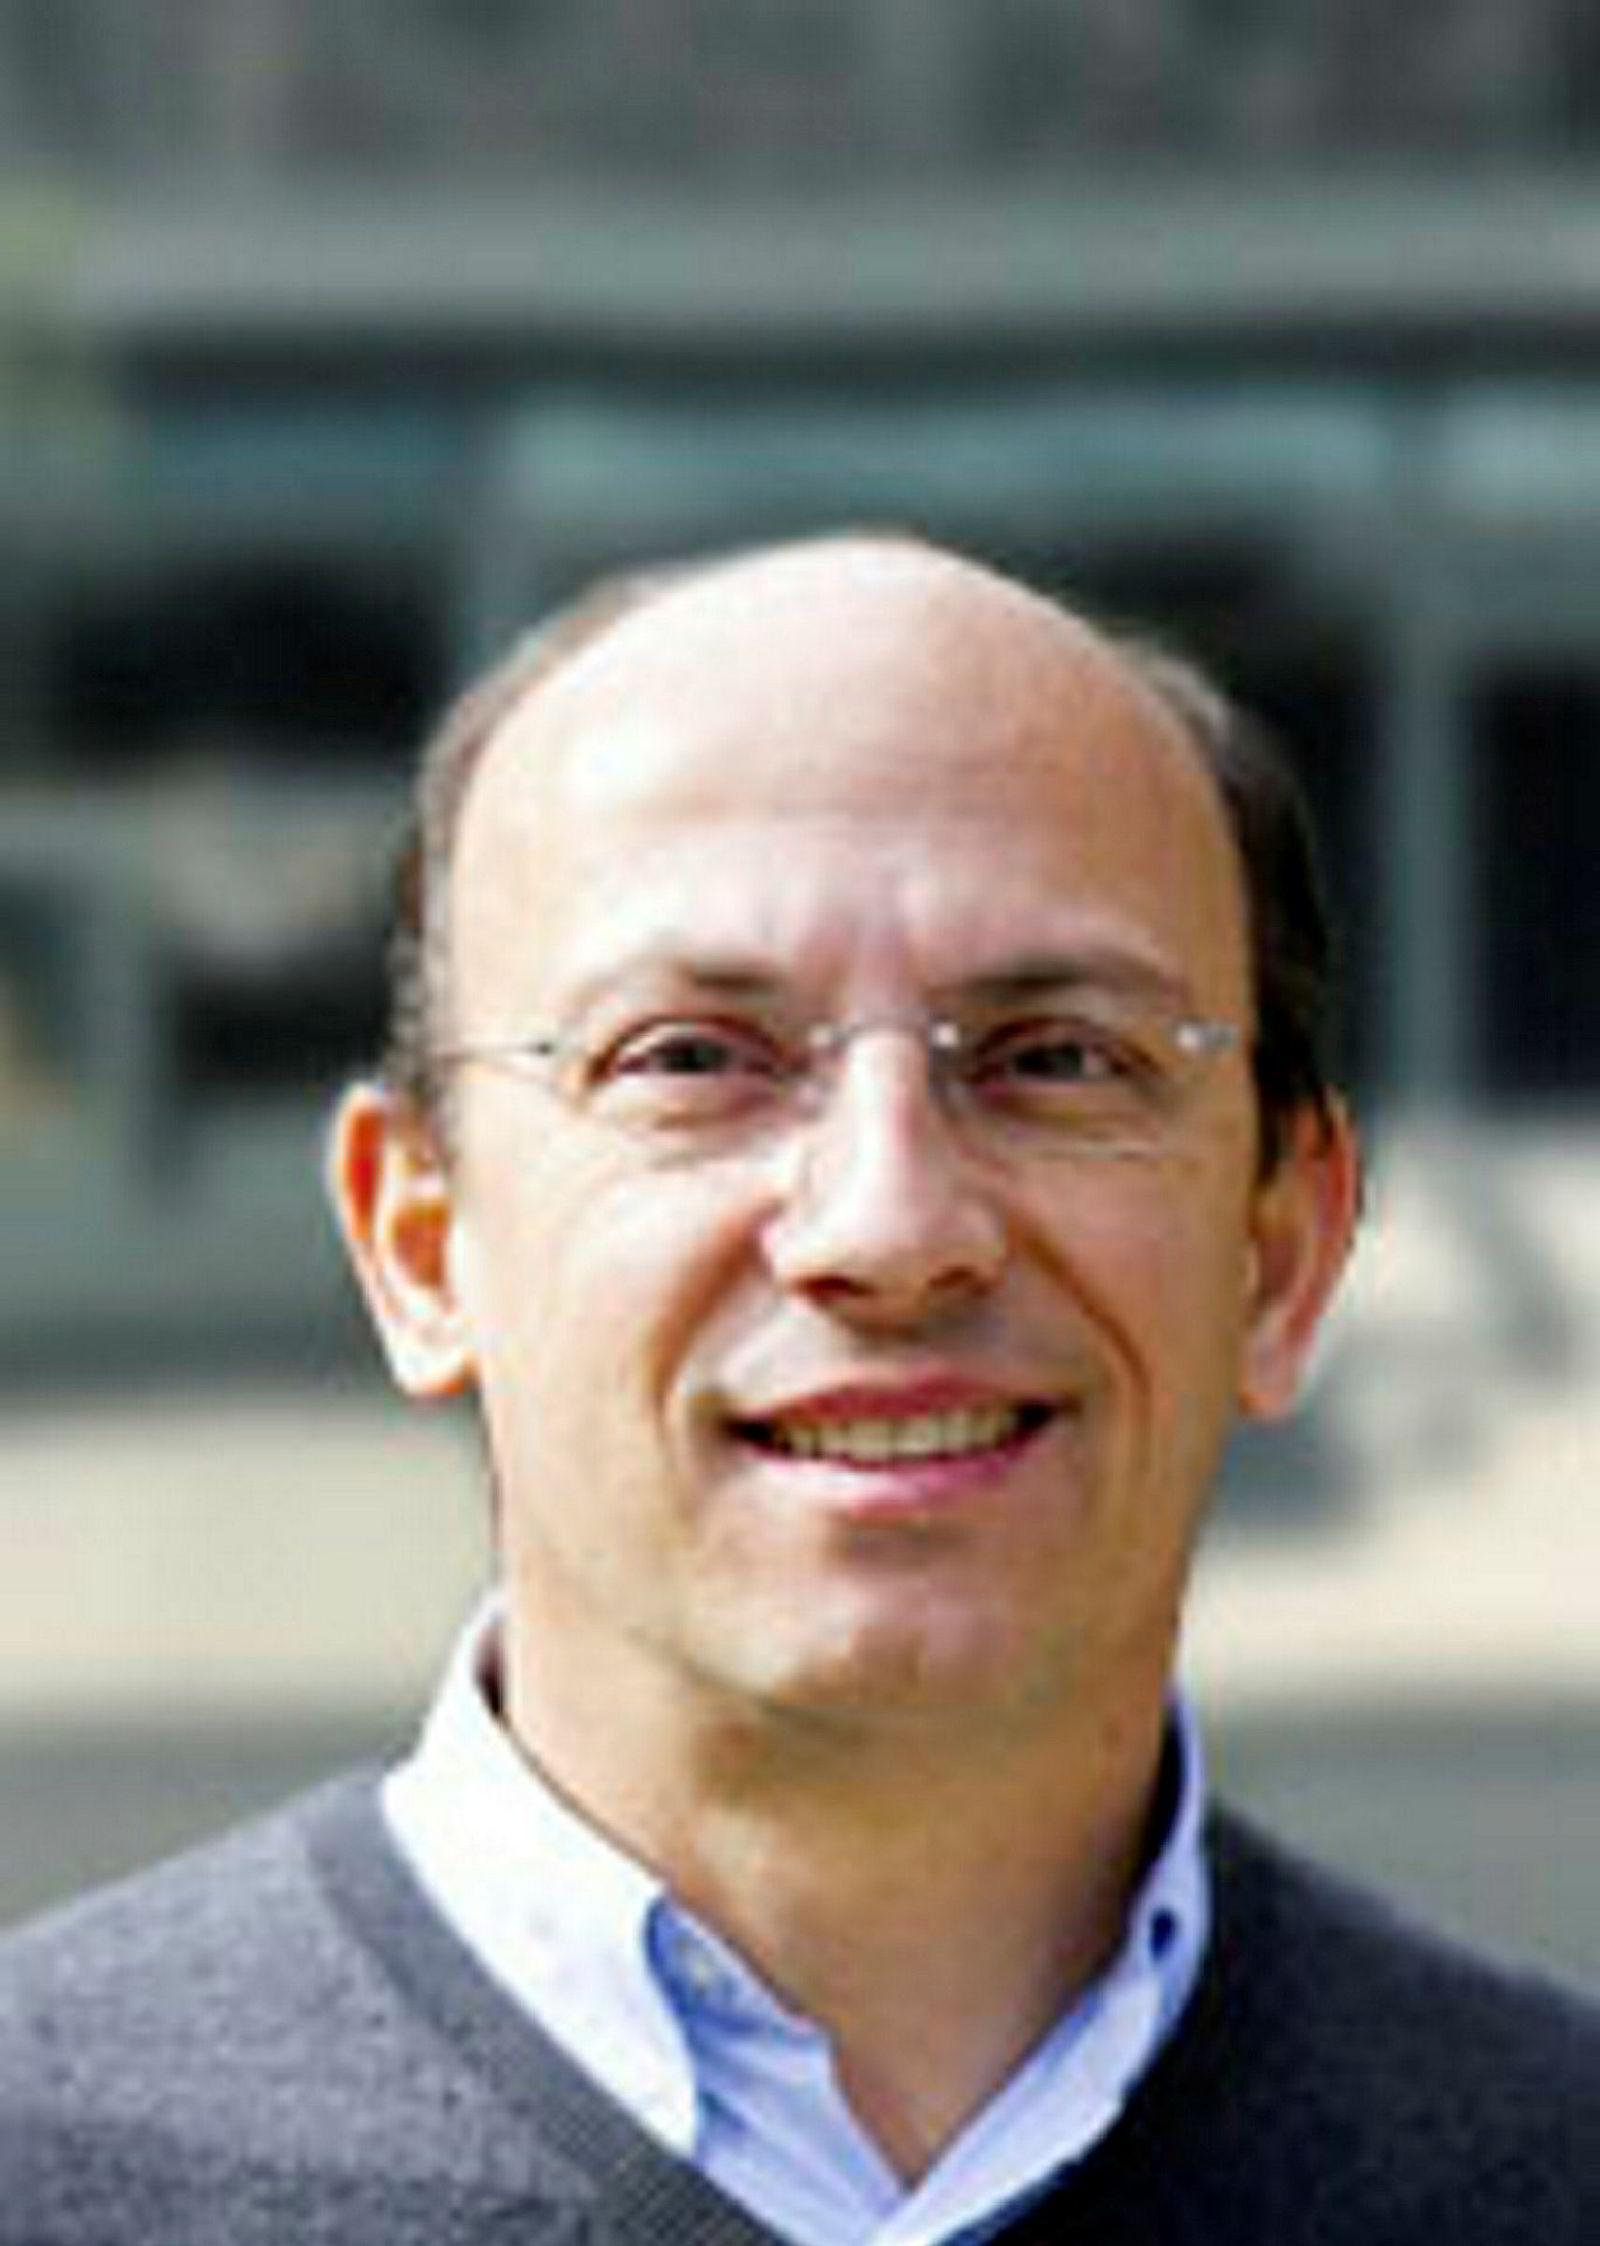 Xavier Ballart er professor i statsvitenskap ved Universitat Autònoma de Barcelona.